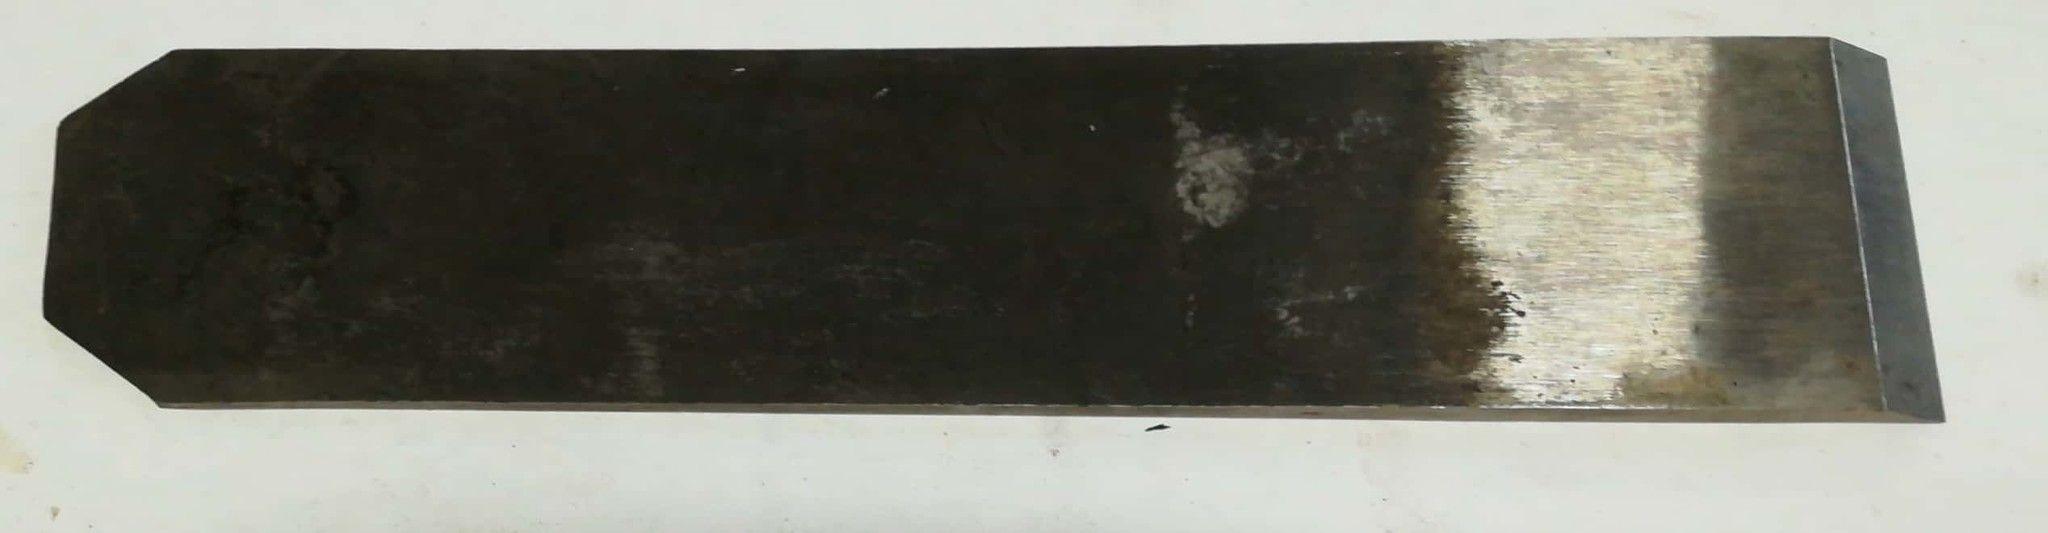 Ferro semplice per pialla pieno mm 42